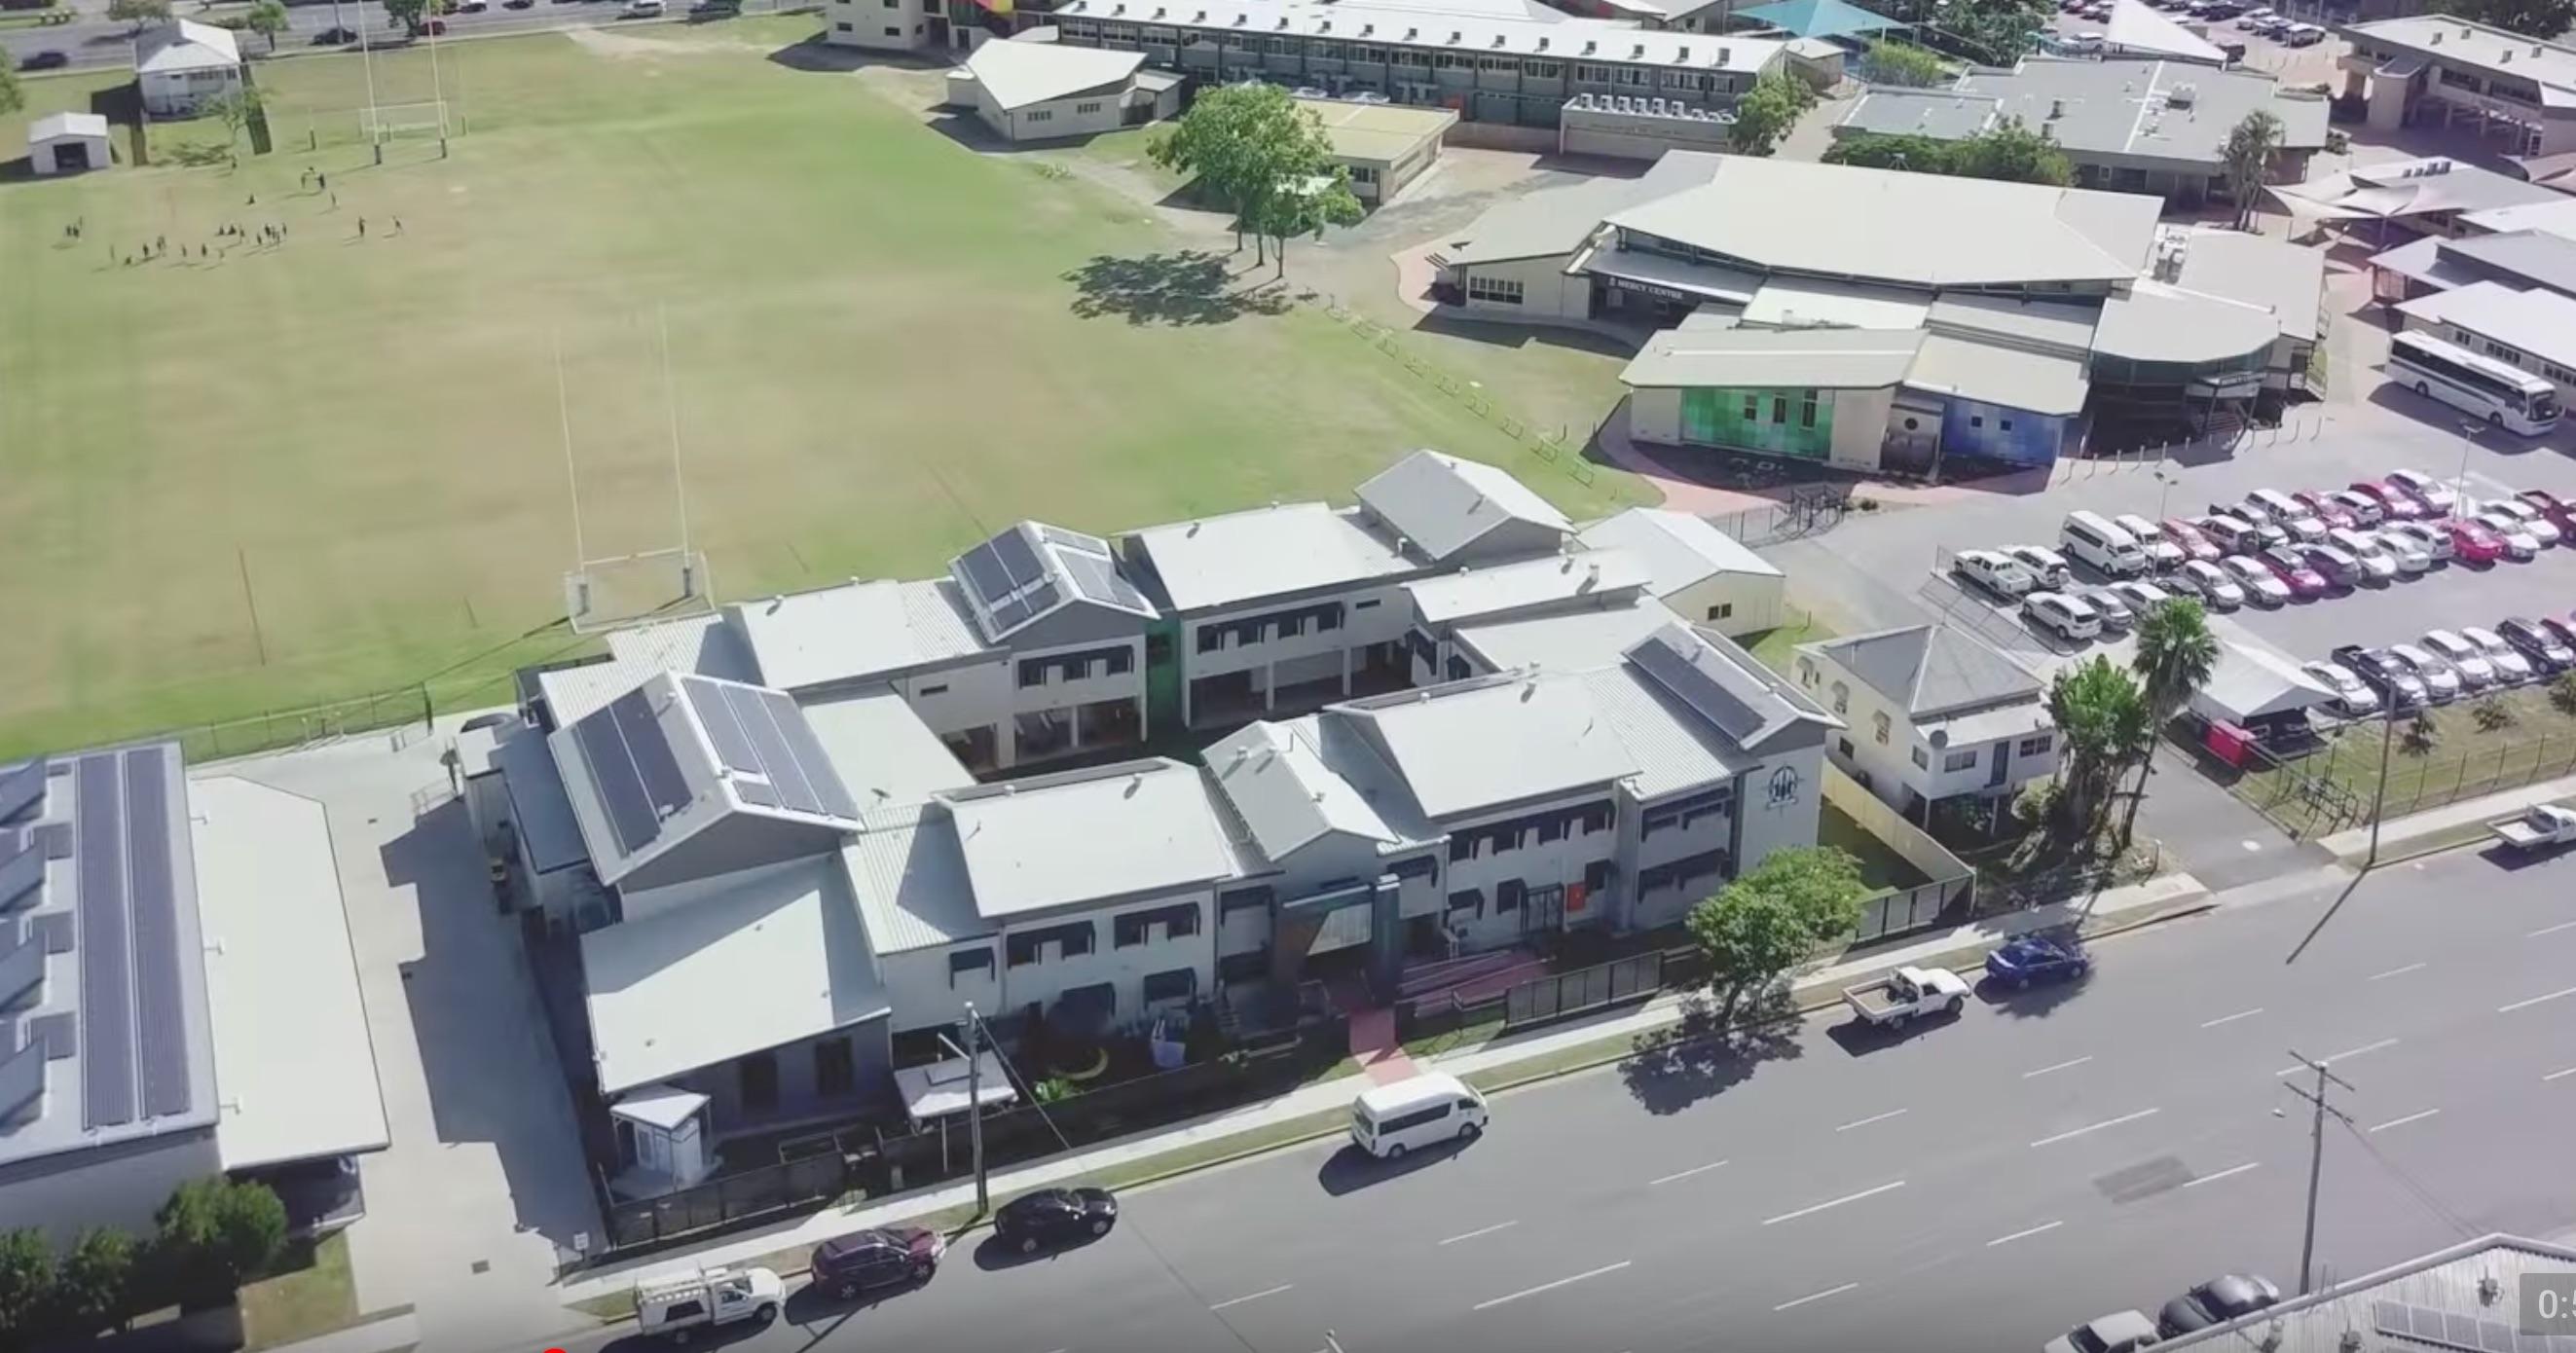 tesla-powerpack-solar-queensland-australia-college